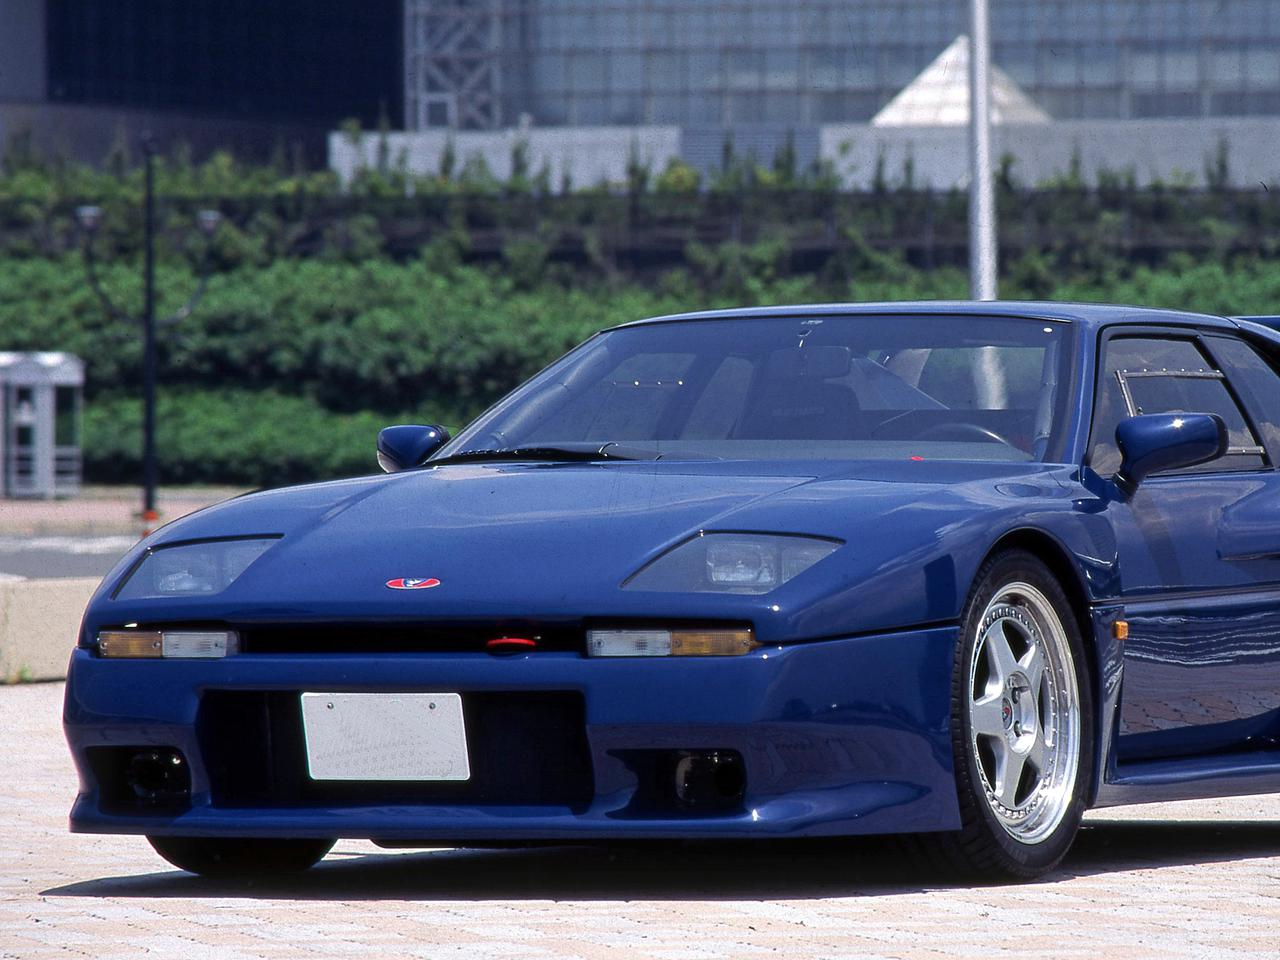 【スーパーカー年代記 042】ヴェンチュリ チャレンジ 400はル・マンにも挑戦したフレンチ スーパーカー